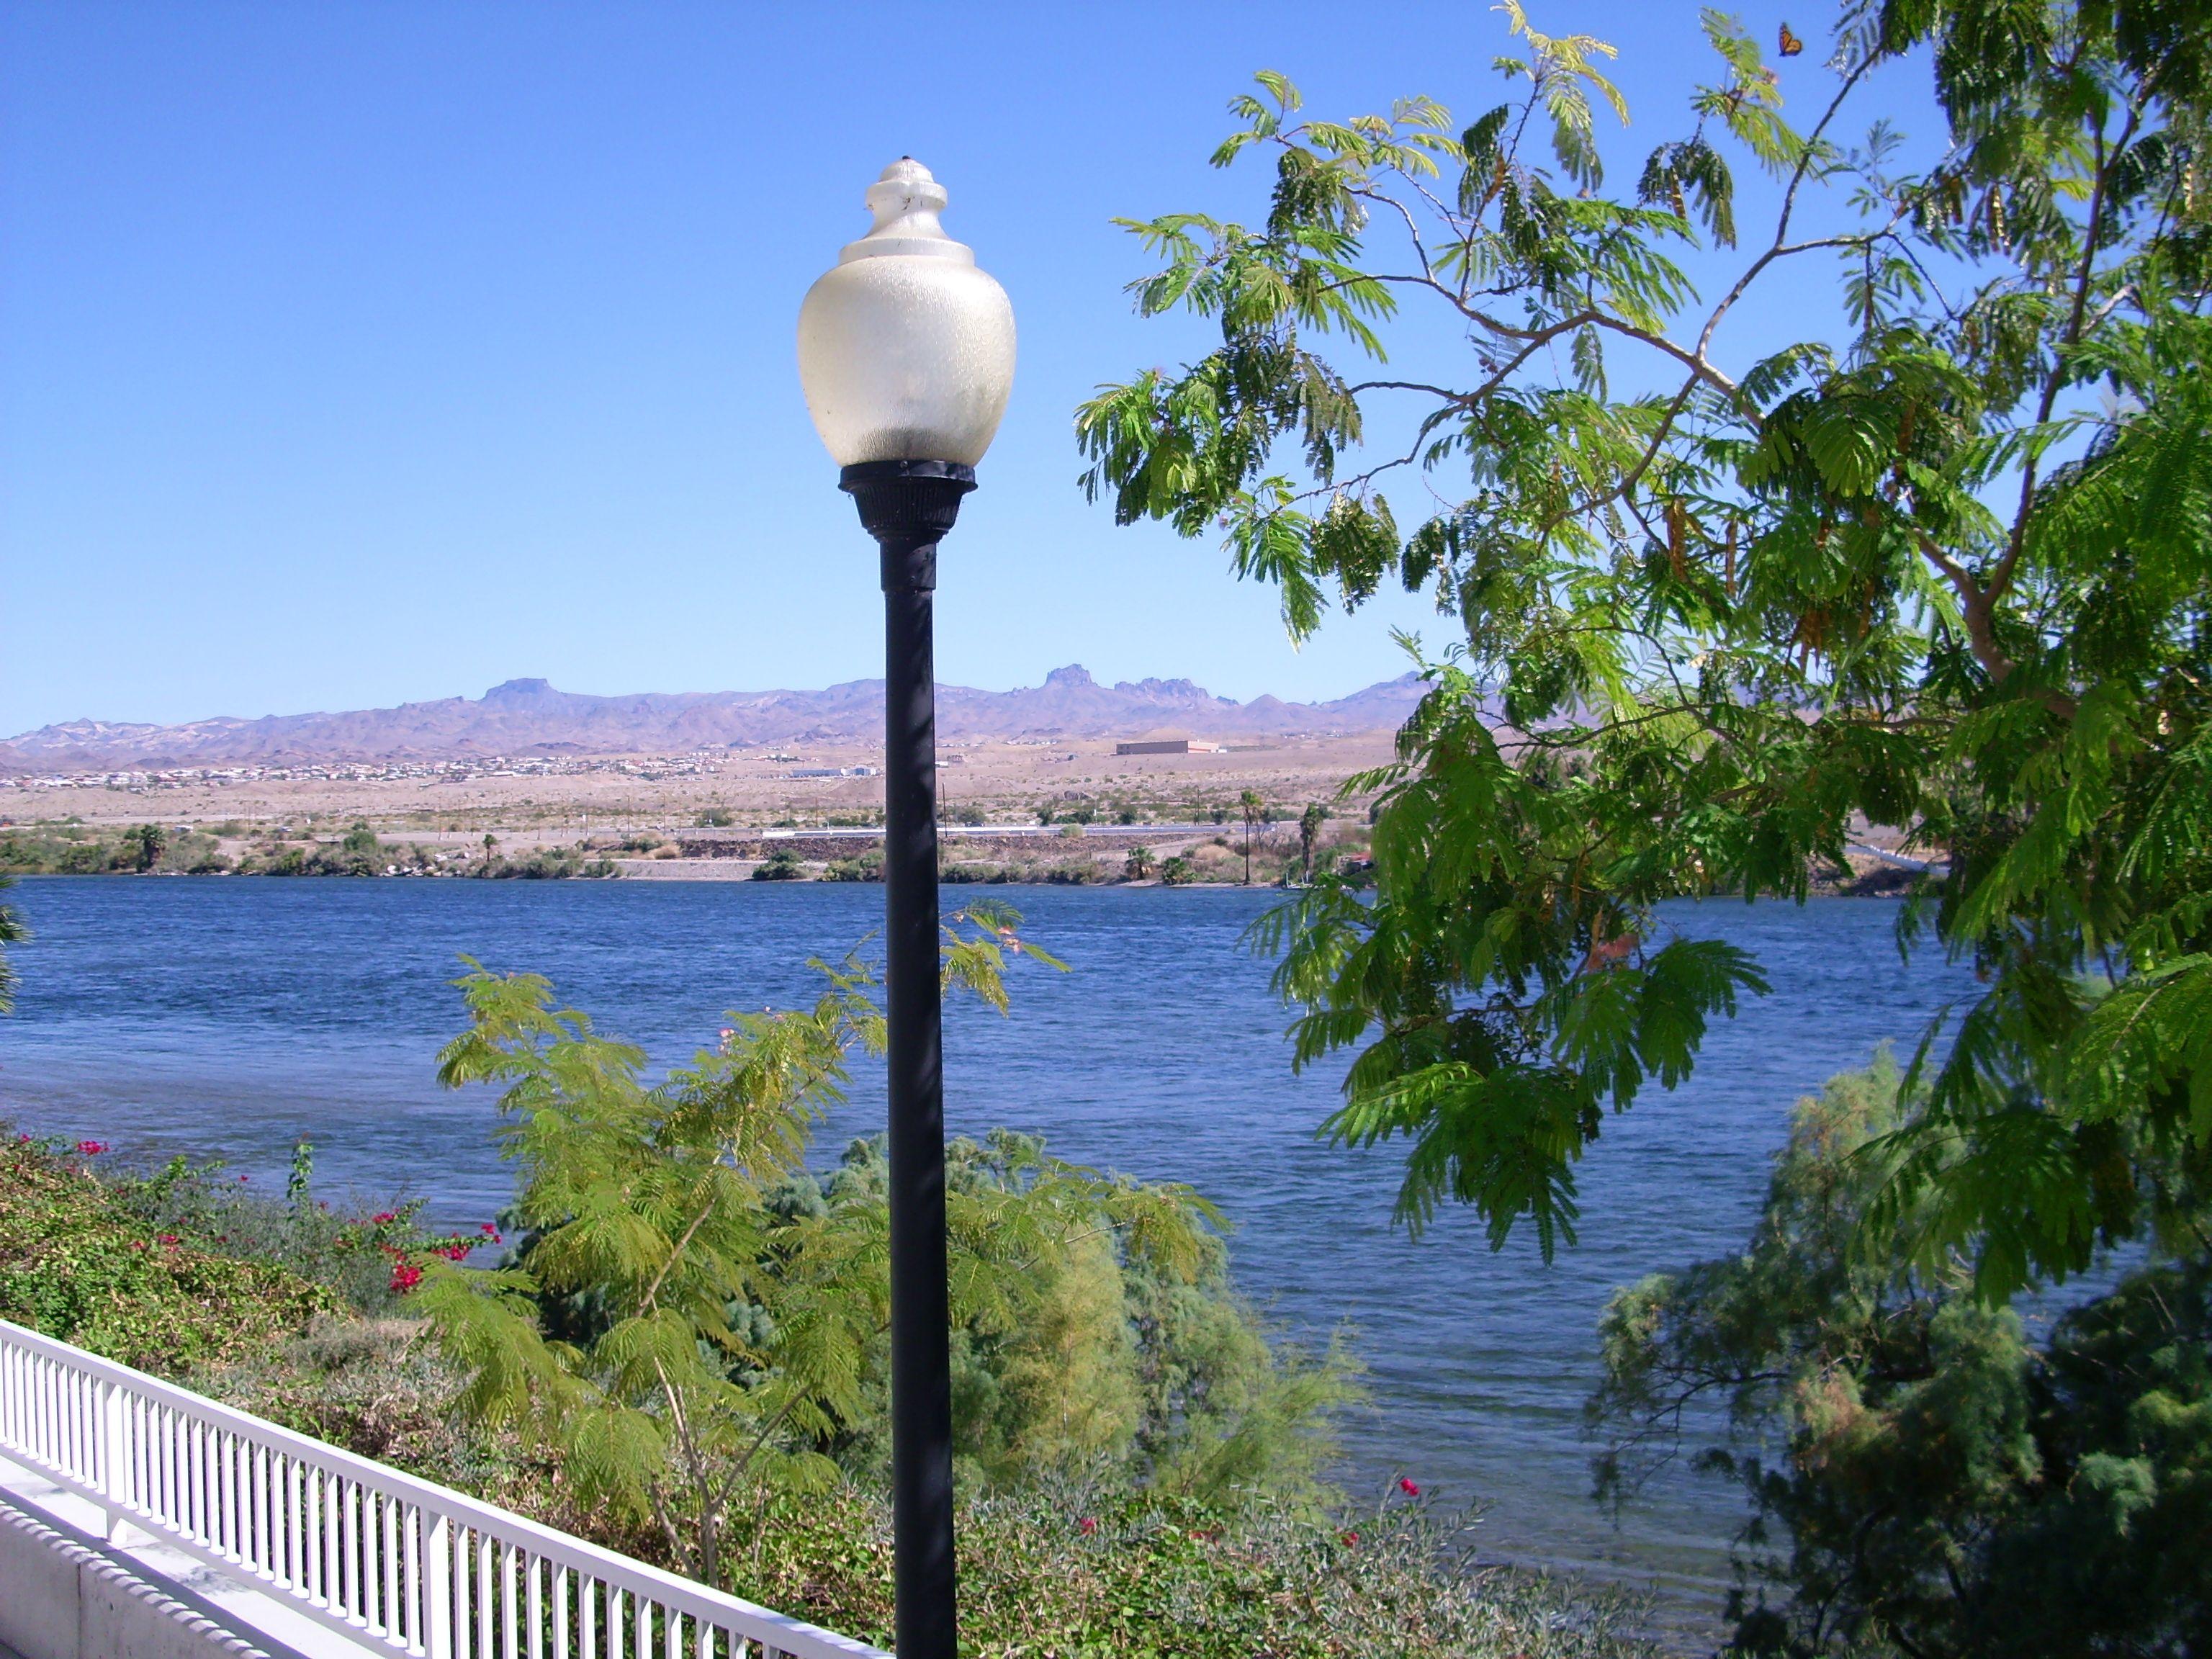 Colorado River, Laughlin, Nv